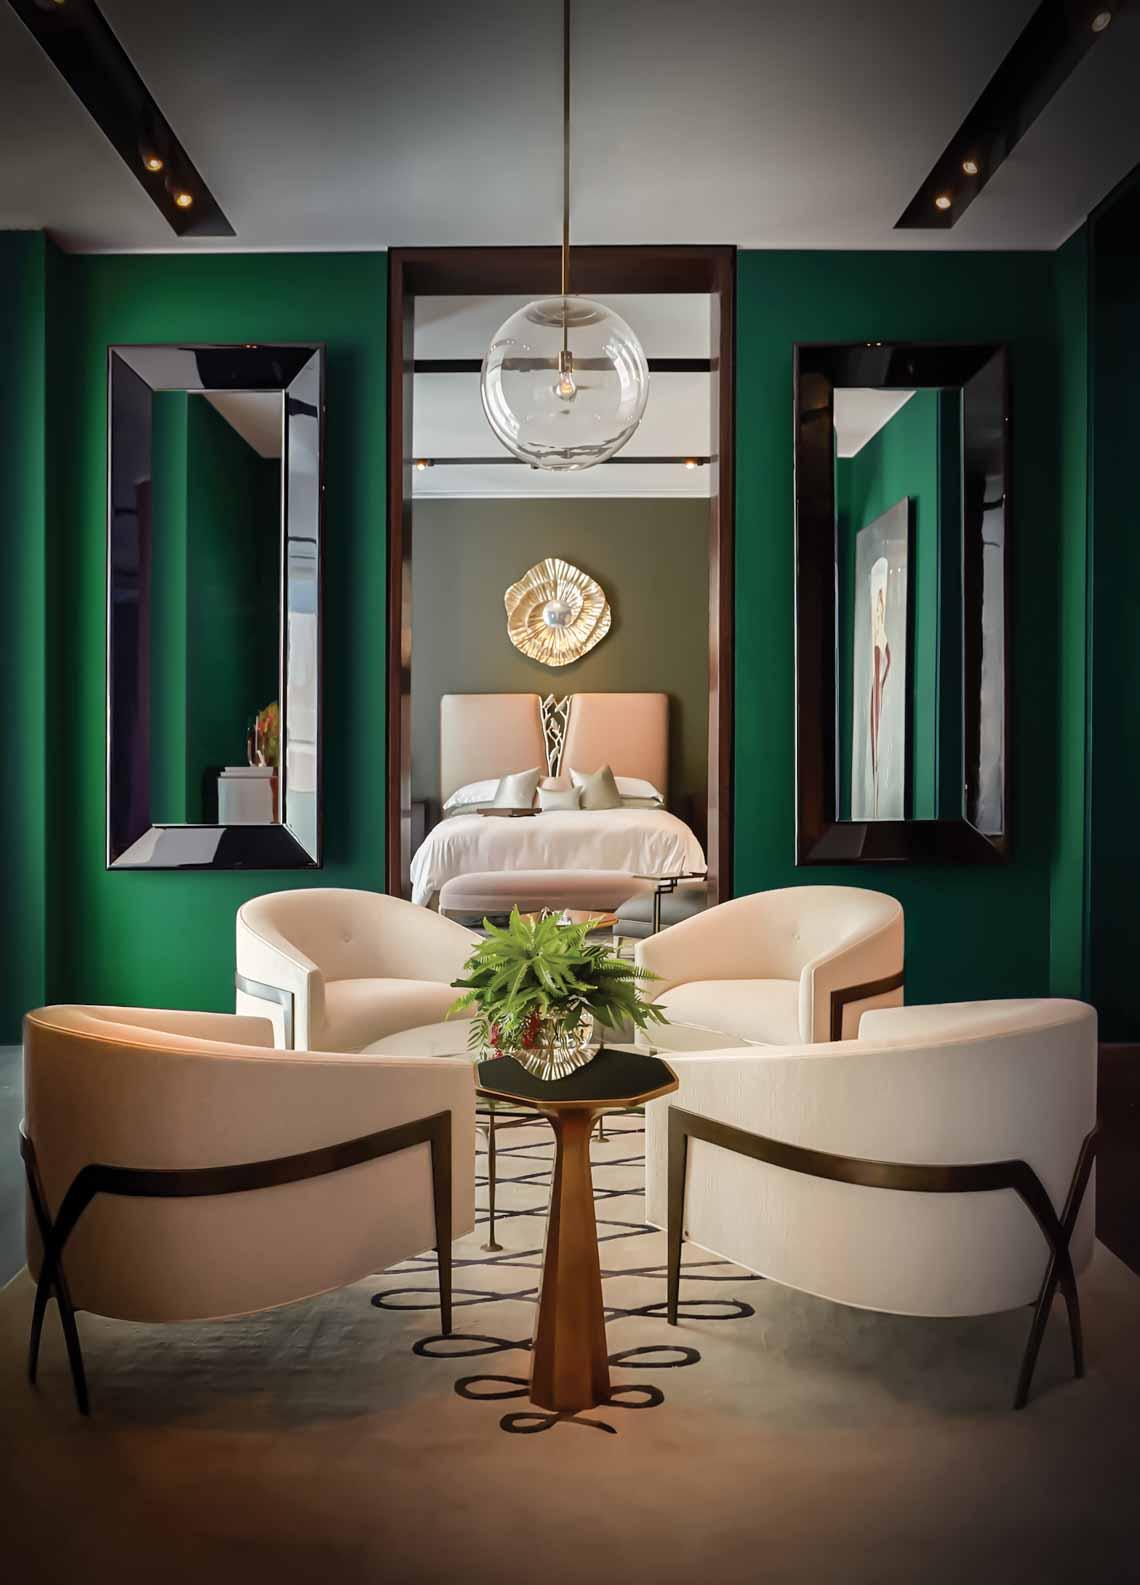 Anh Phạm Cao Đông - Tổng Giám đốc CDC Home Design Center: Đầu tư tối ưu để mang lại giá trị khác biệt cho khách hàng - 6